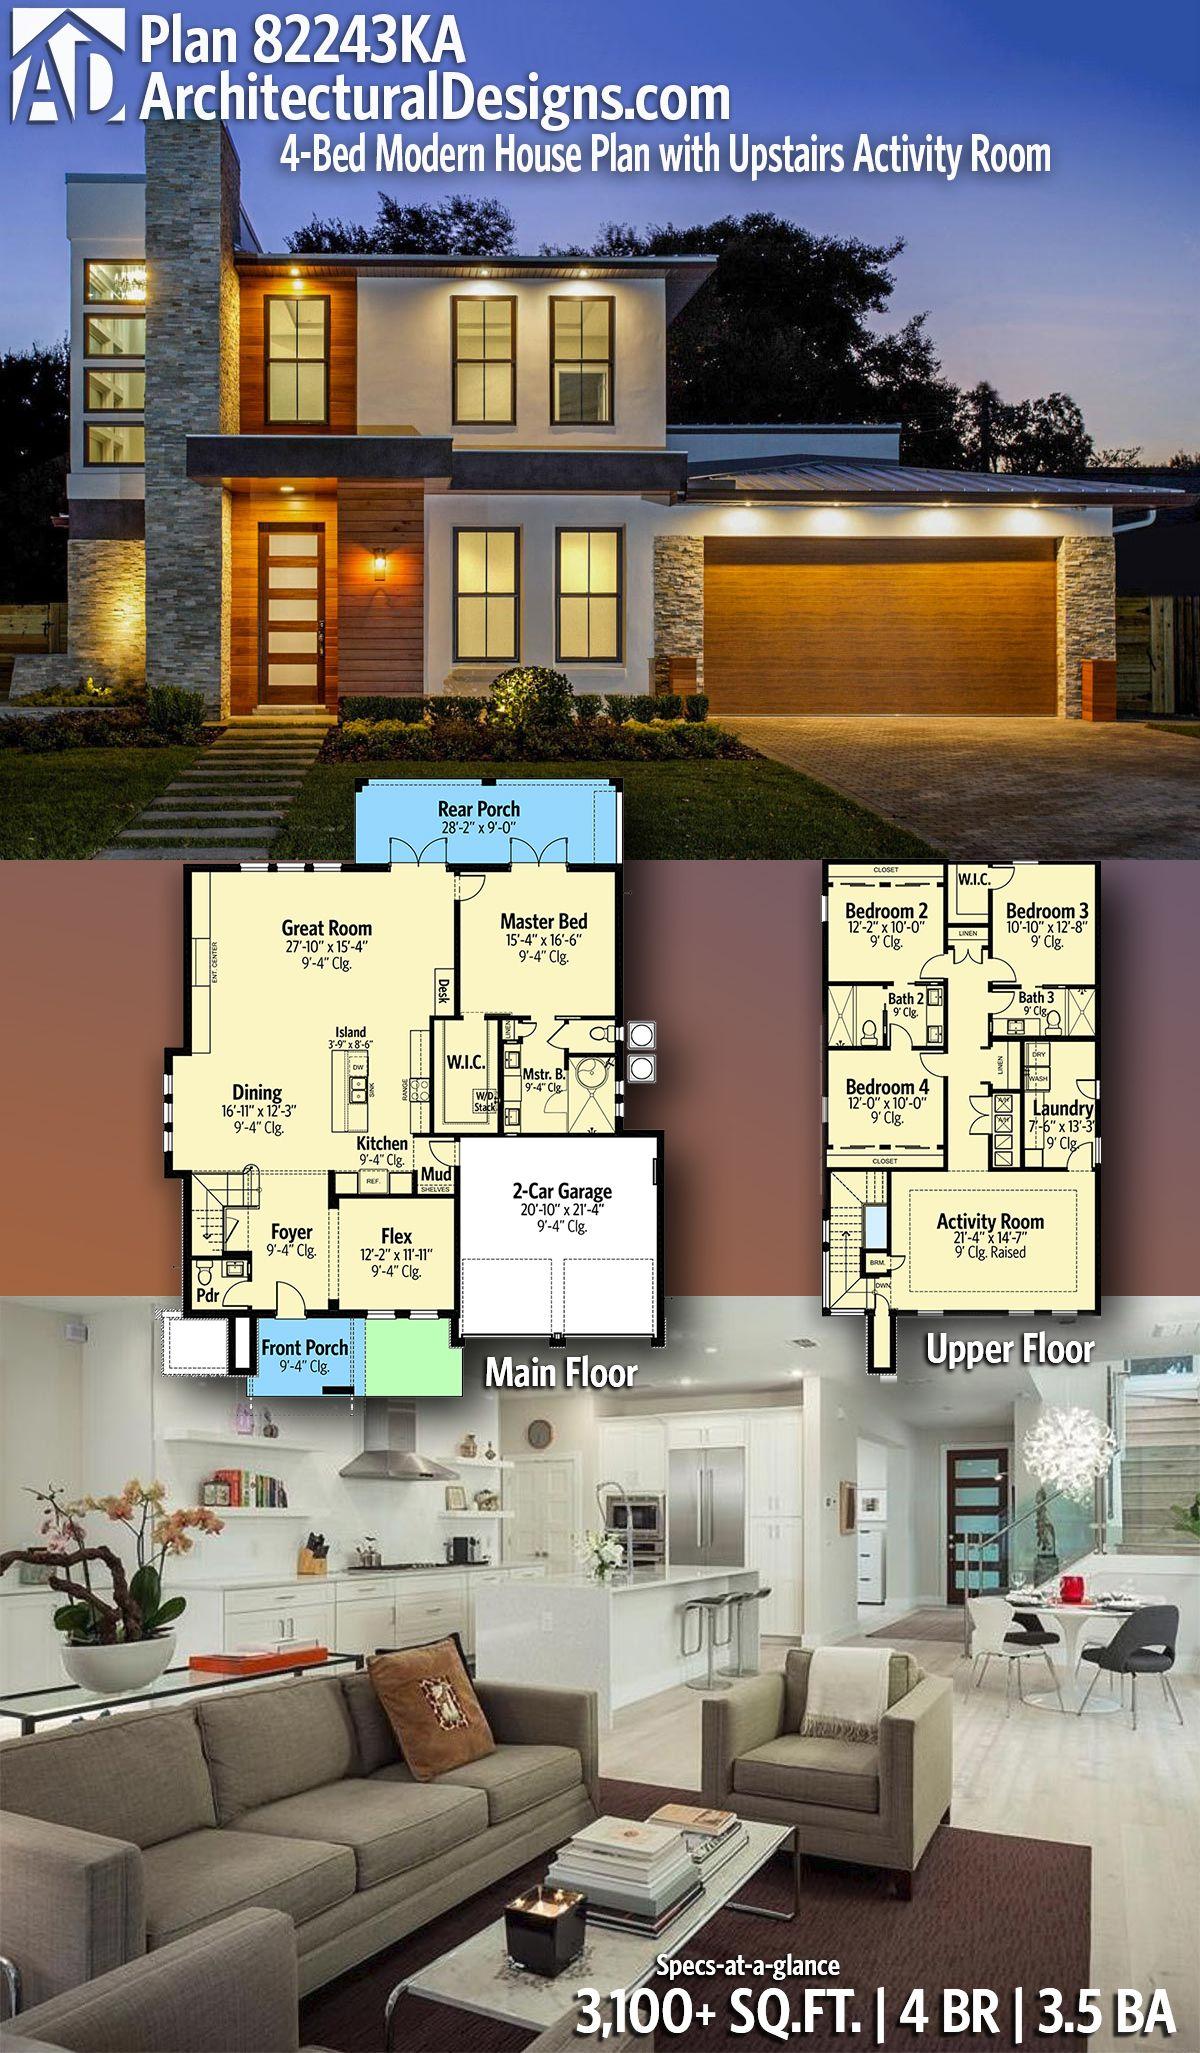 Architectural Designs Modern Prairie House Plan 82243KA